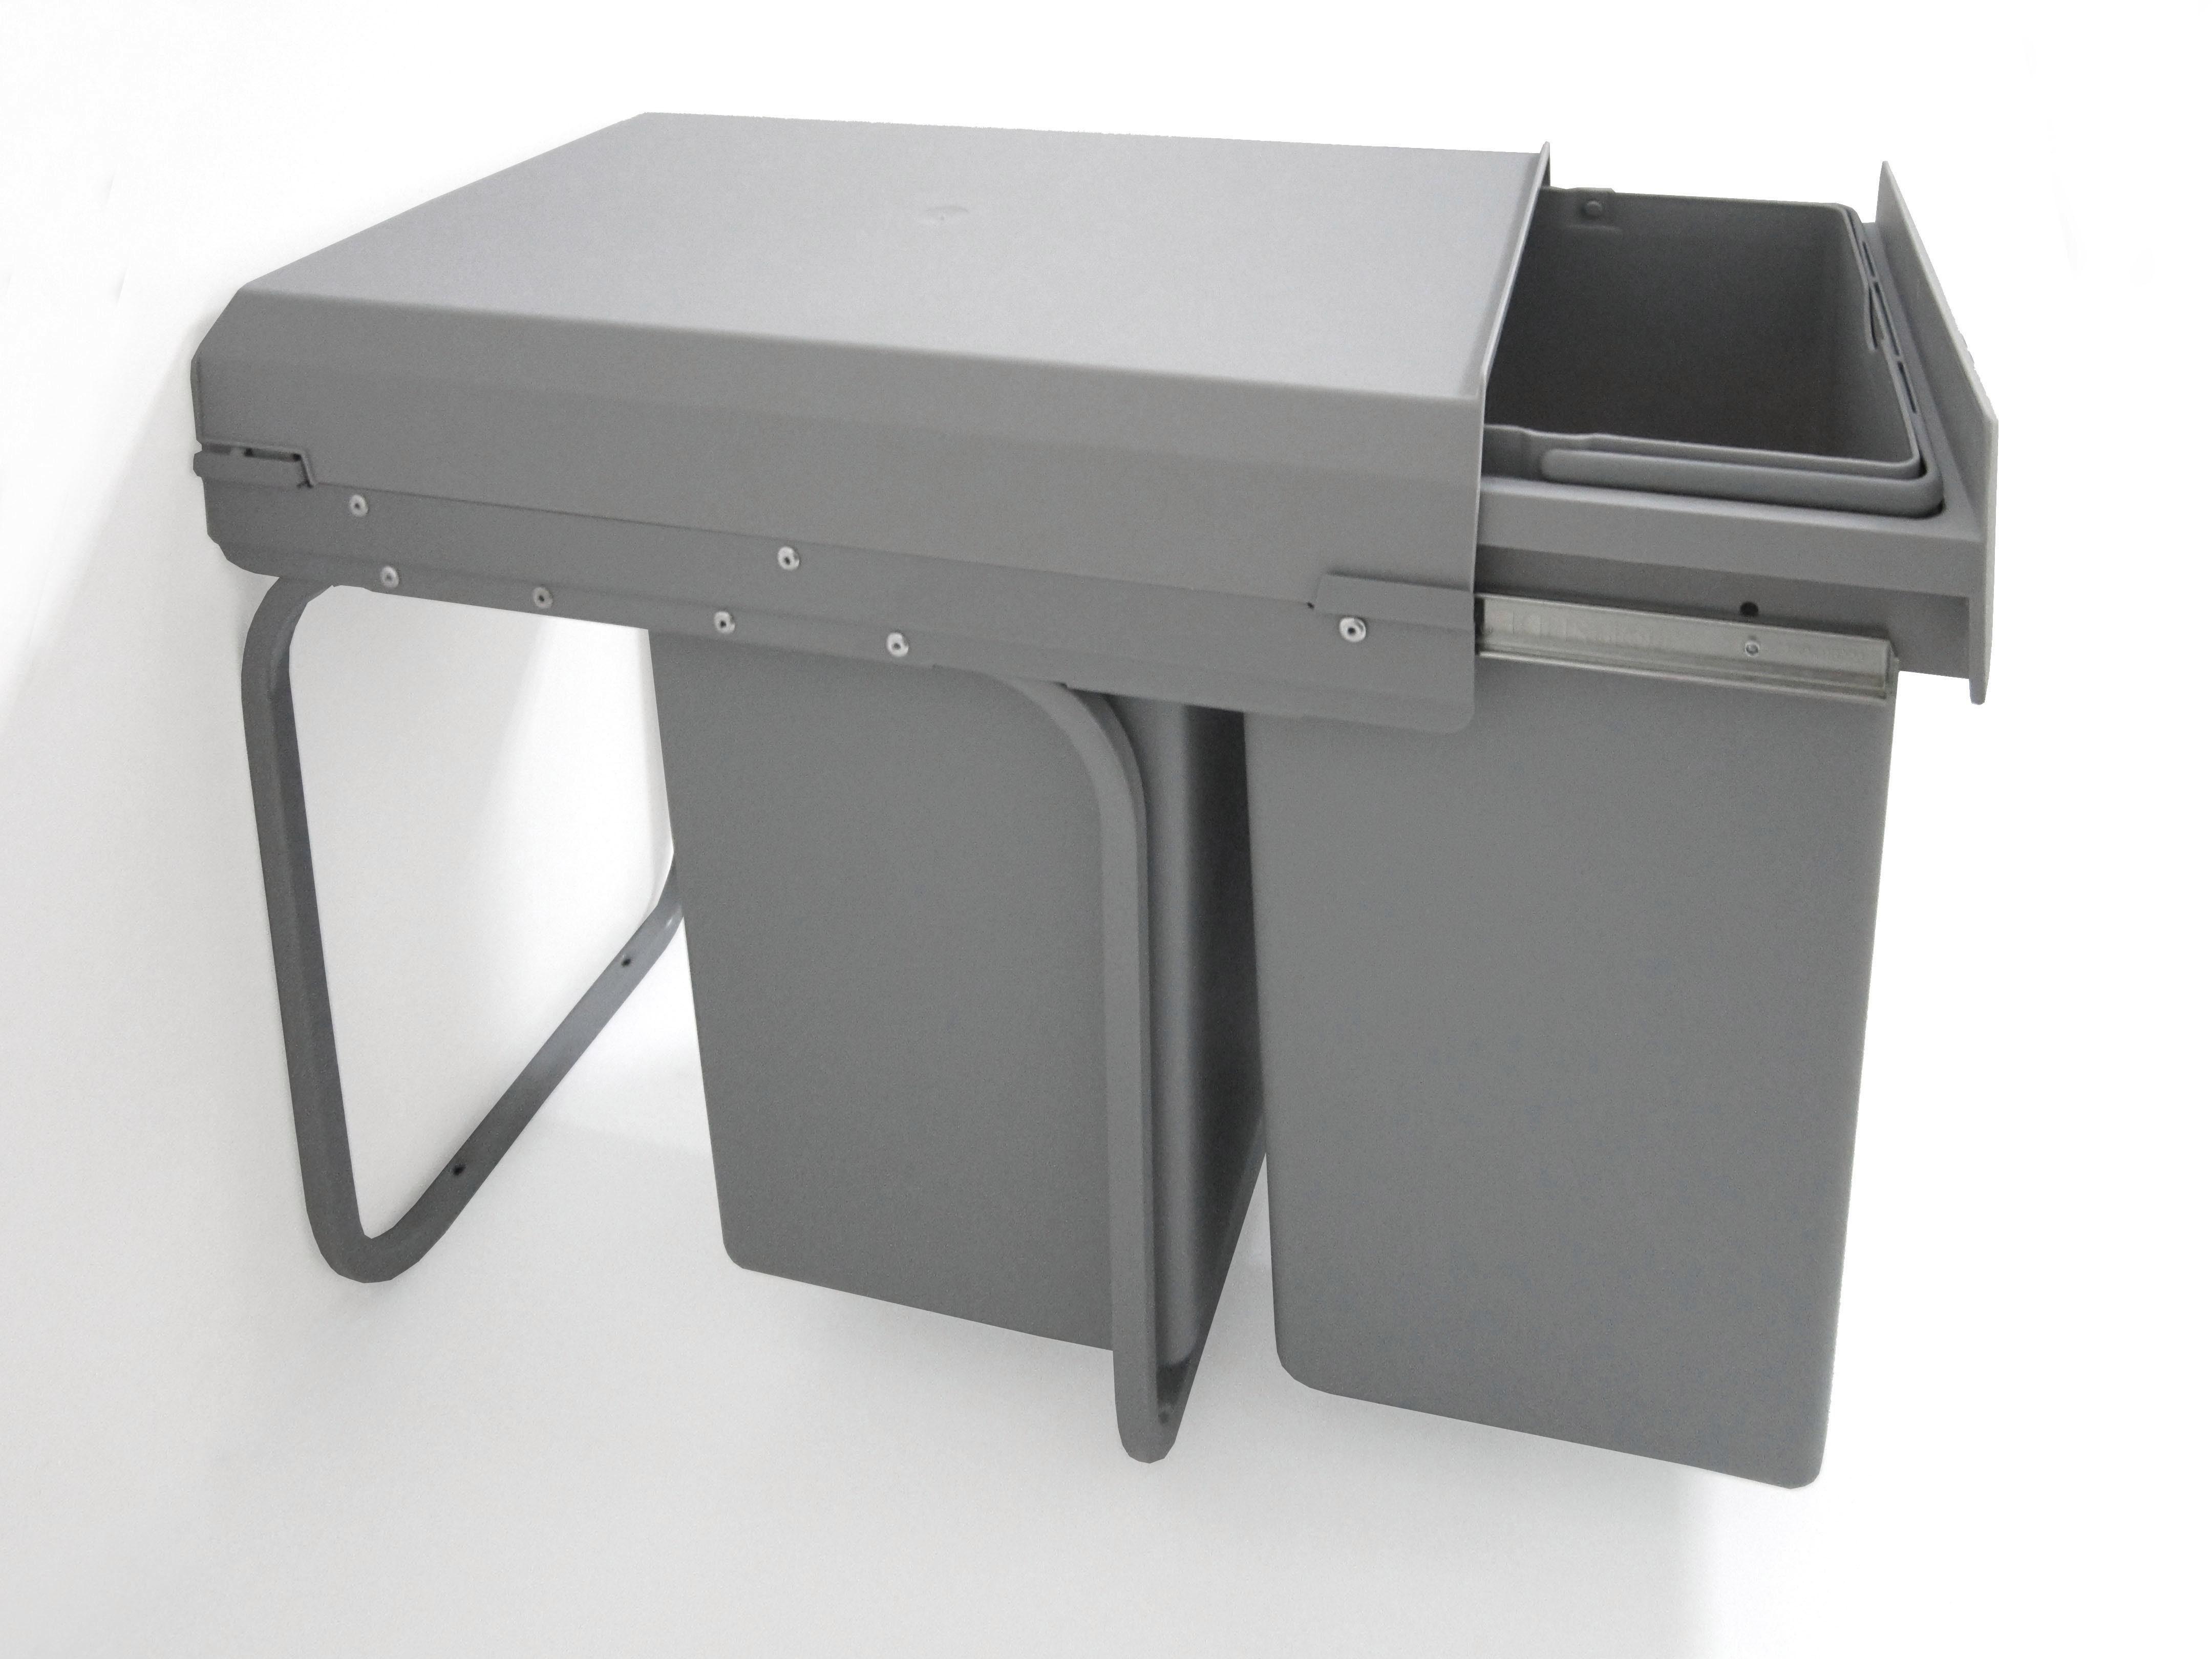 OPTIFIT Einbau-Abfallsammler für Schrankbreiten ab 30 cm